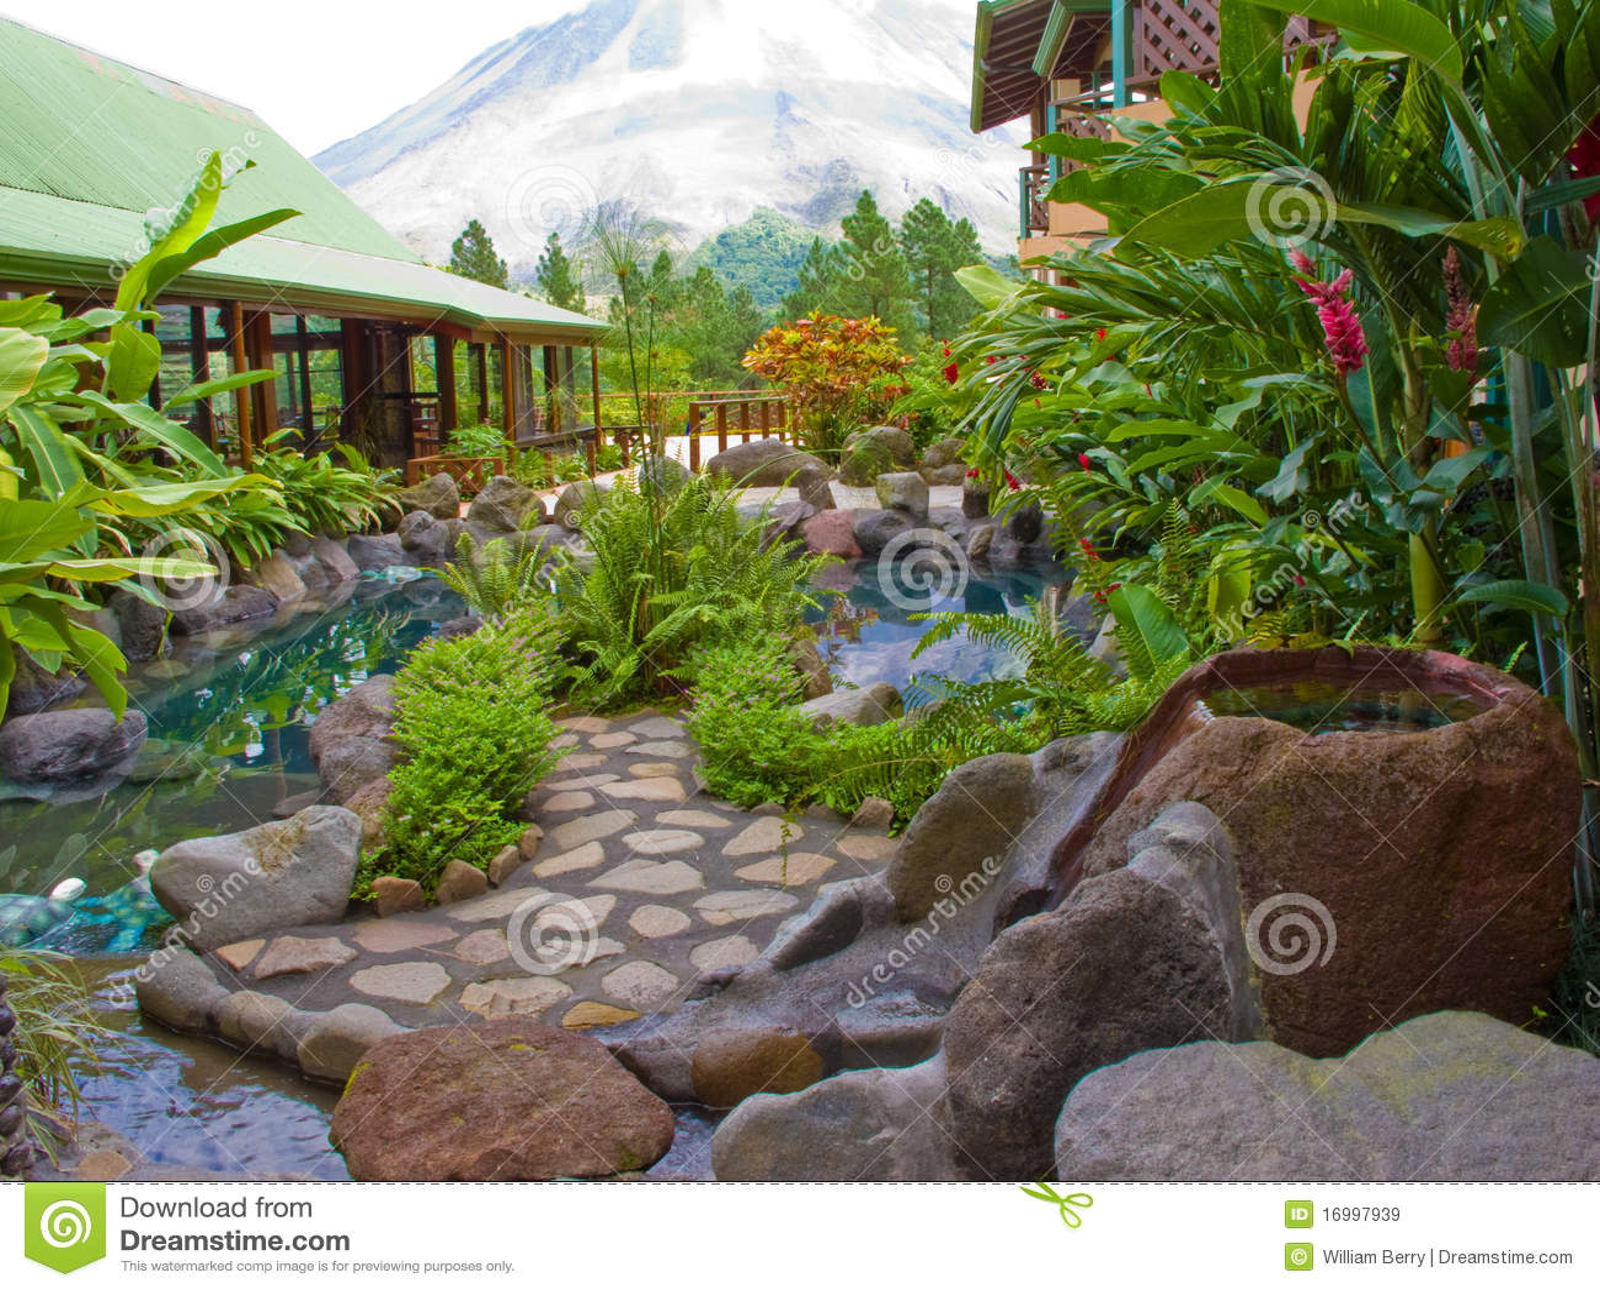 fotos de jardim tropical:Jardim tropical luxúria situado em Costa-Rica.